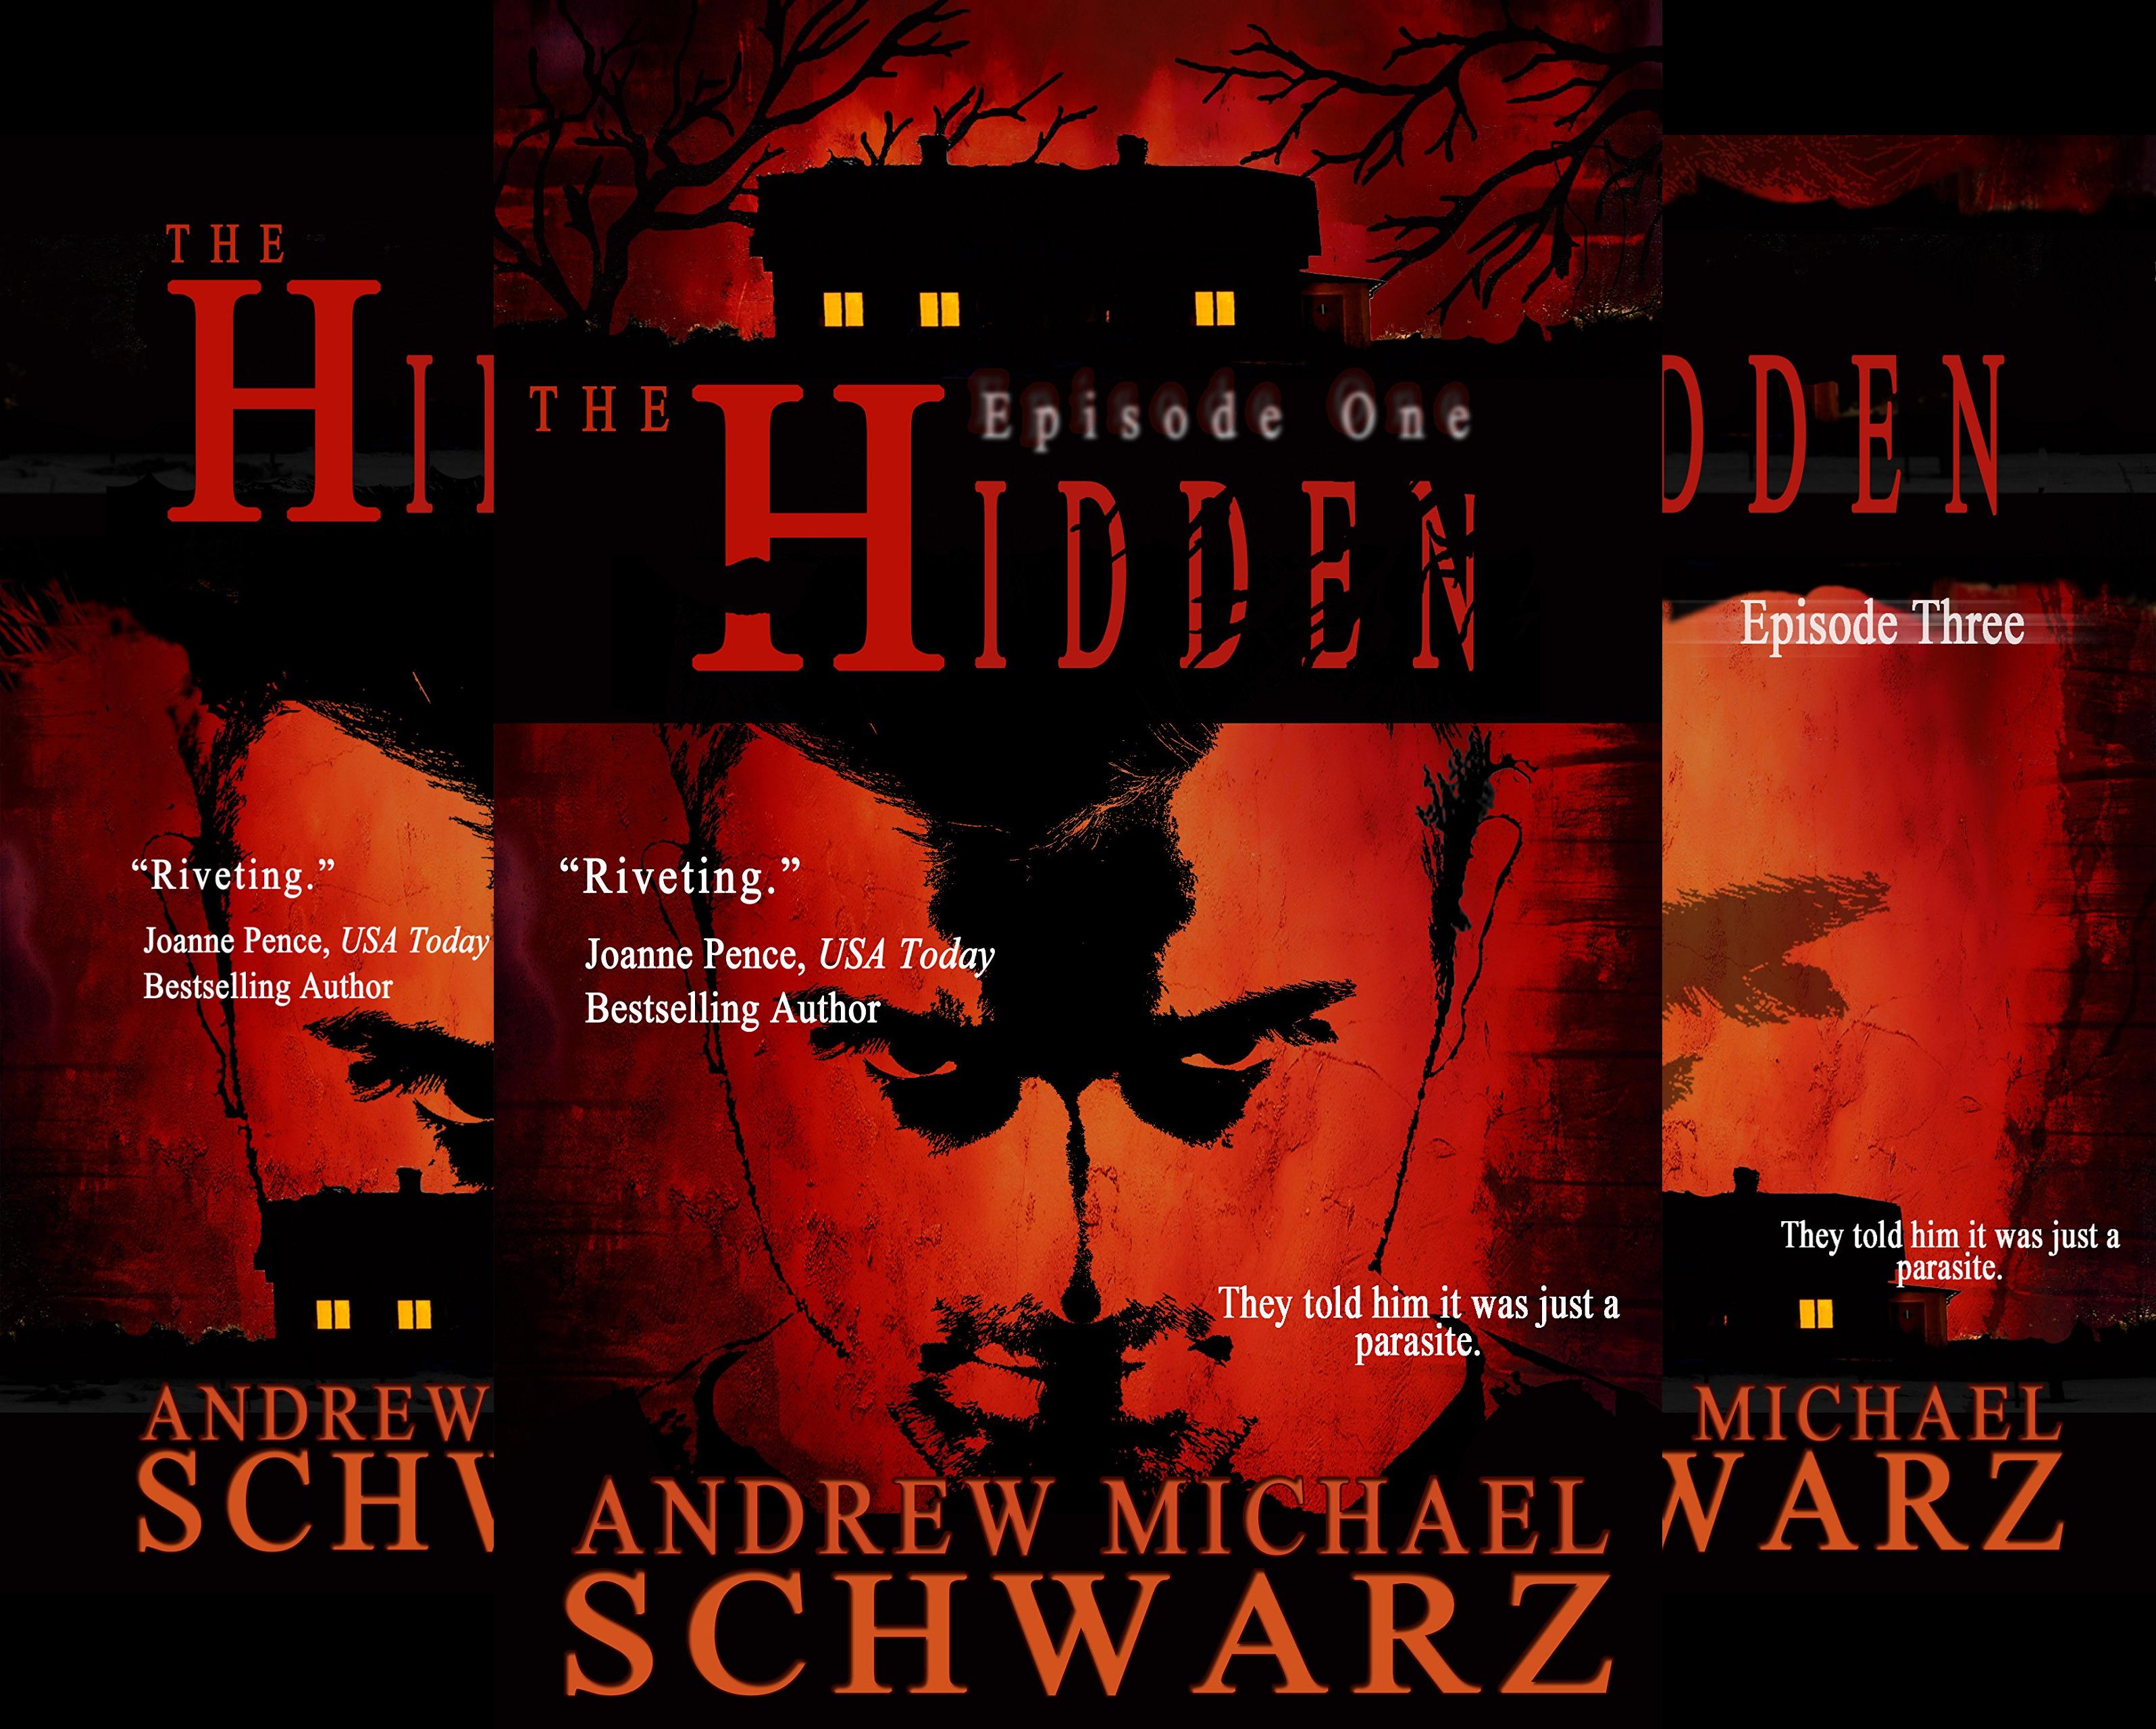 The Hidden (9 Book Series)